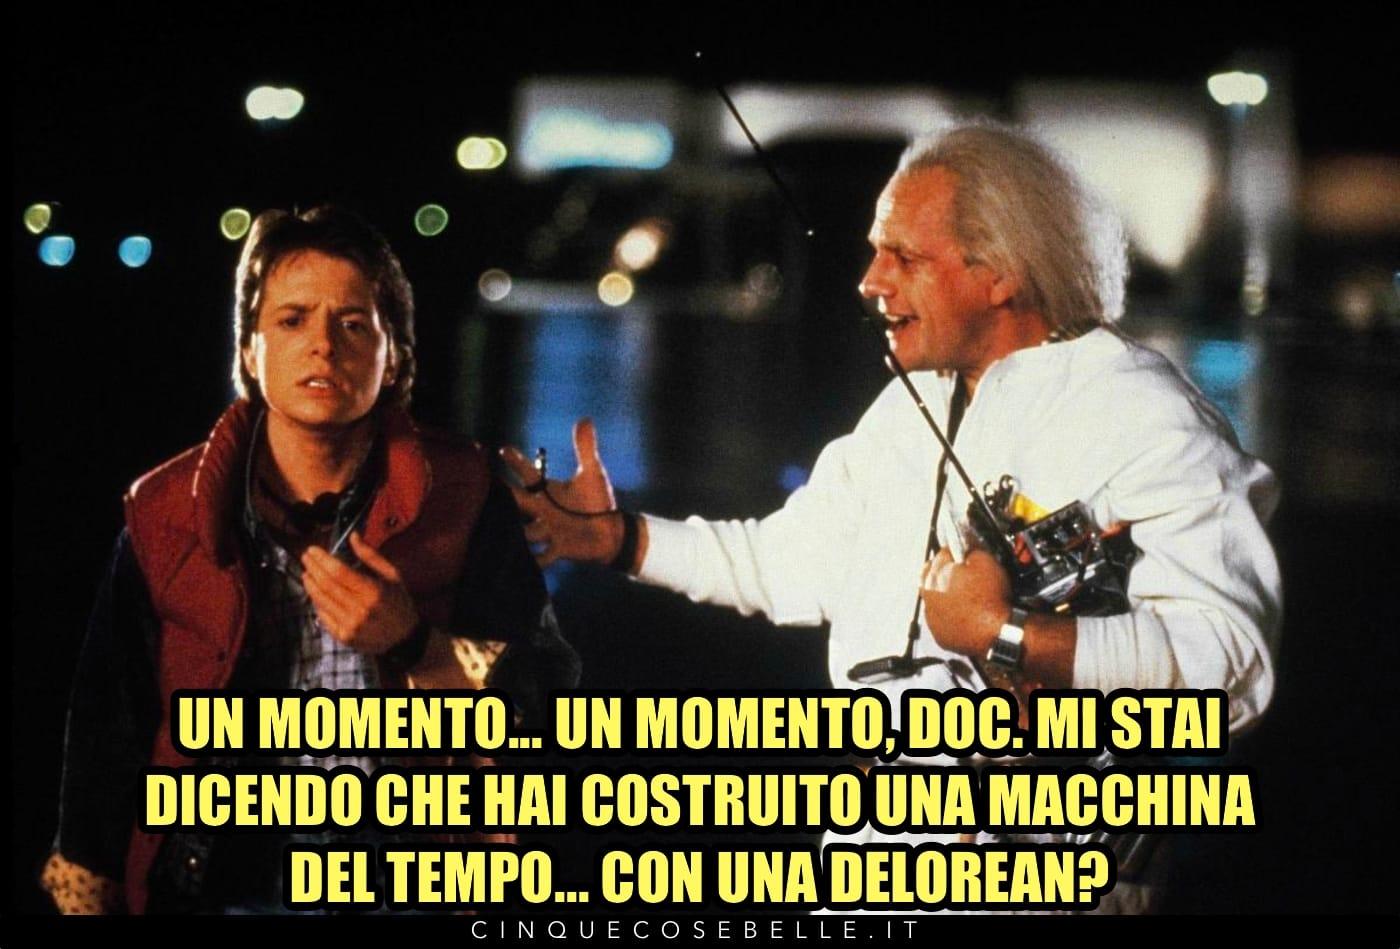 La citazione sulla DeLorean da Ritorno al futuro